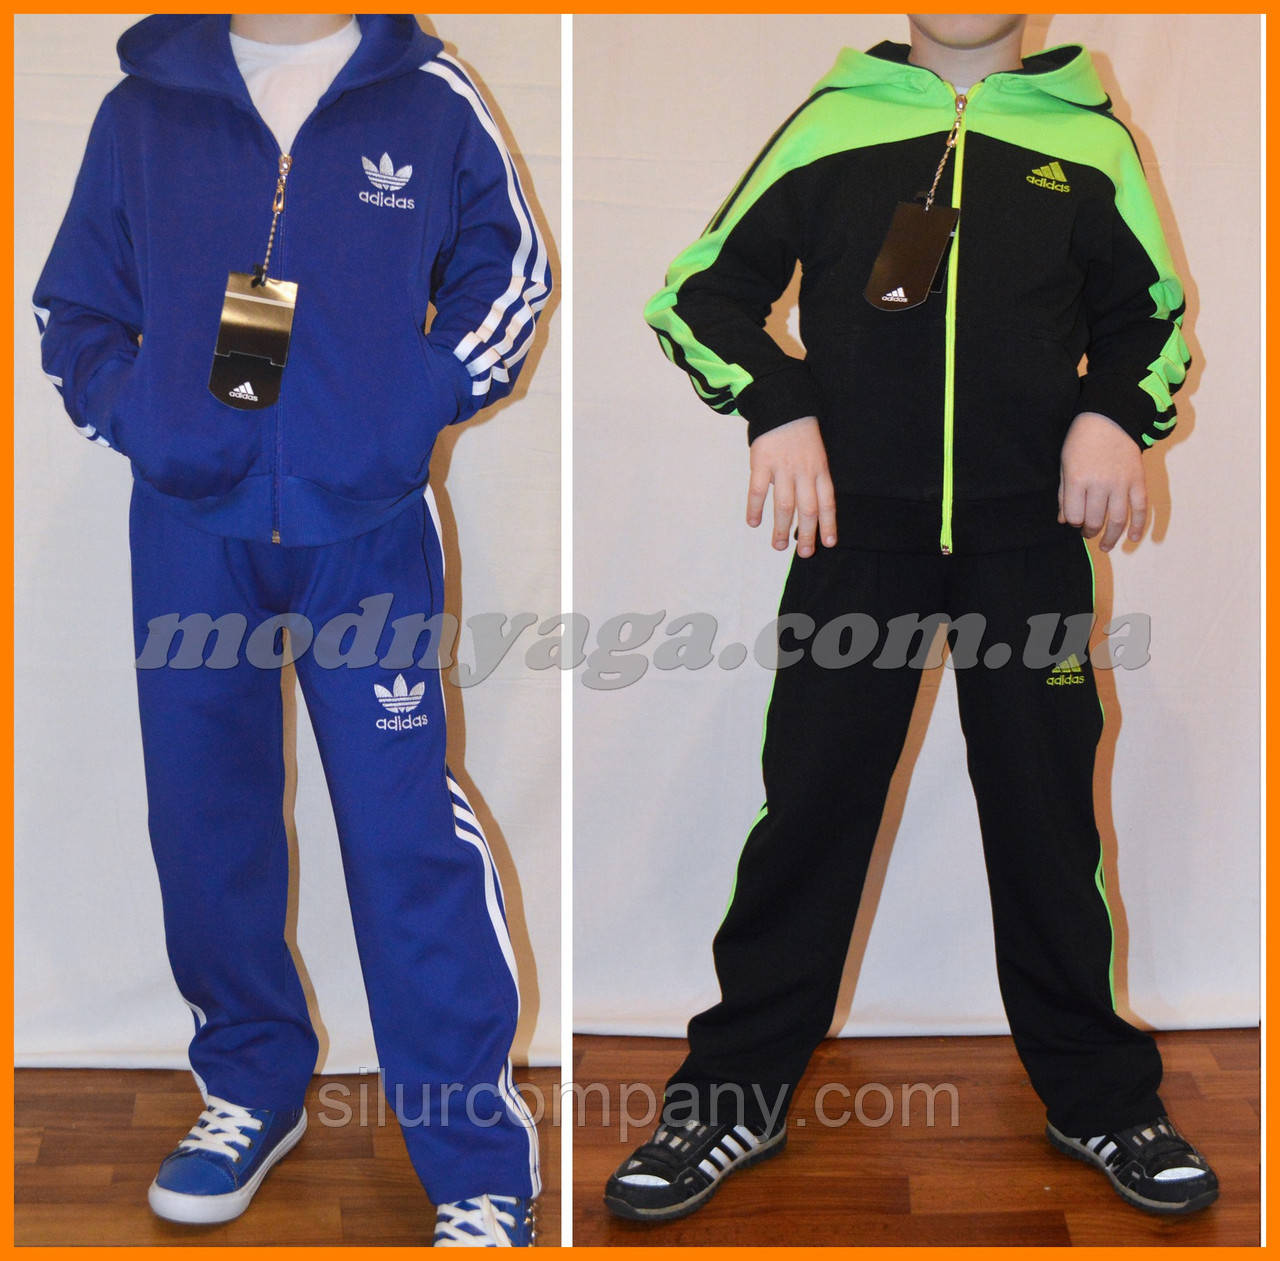 5ef7e3798 Детский спортивный костюм адидас, интернет магазин детской одежды Украина - Интернет  магазин